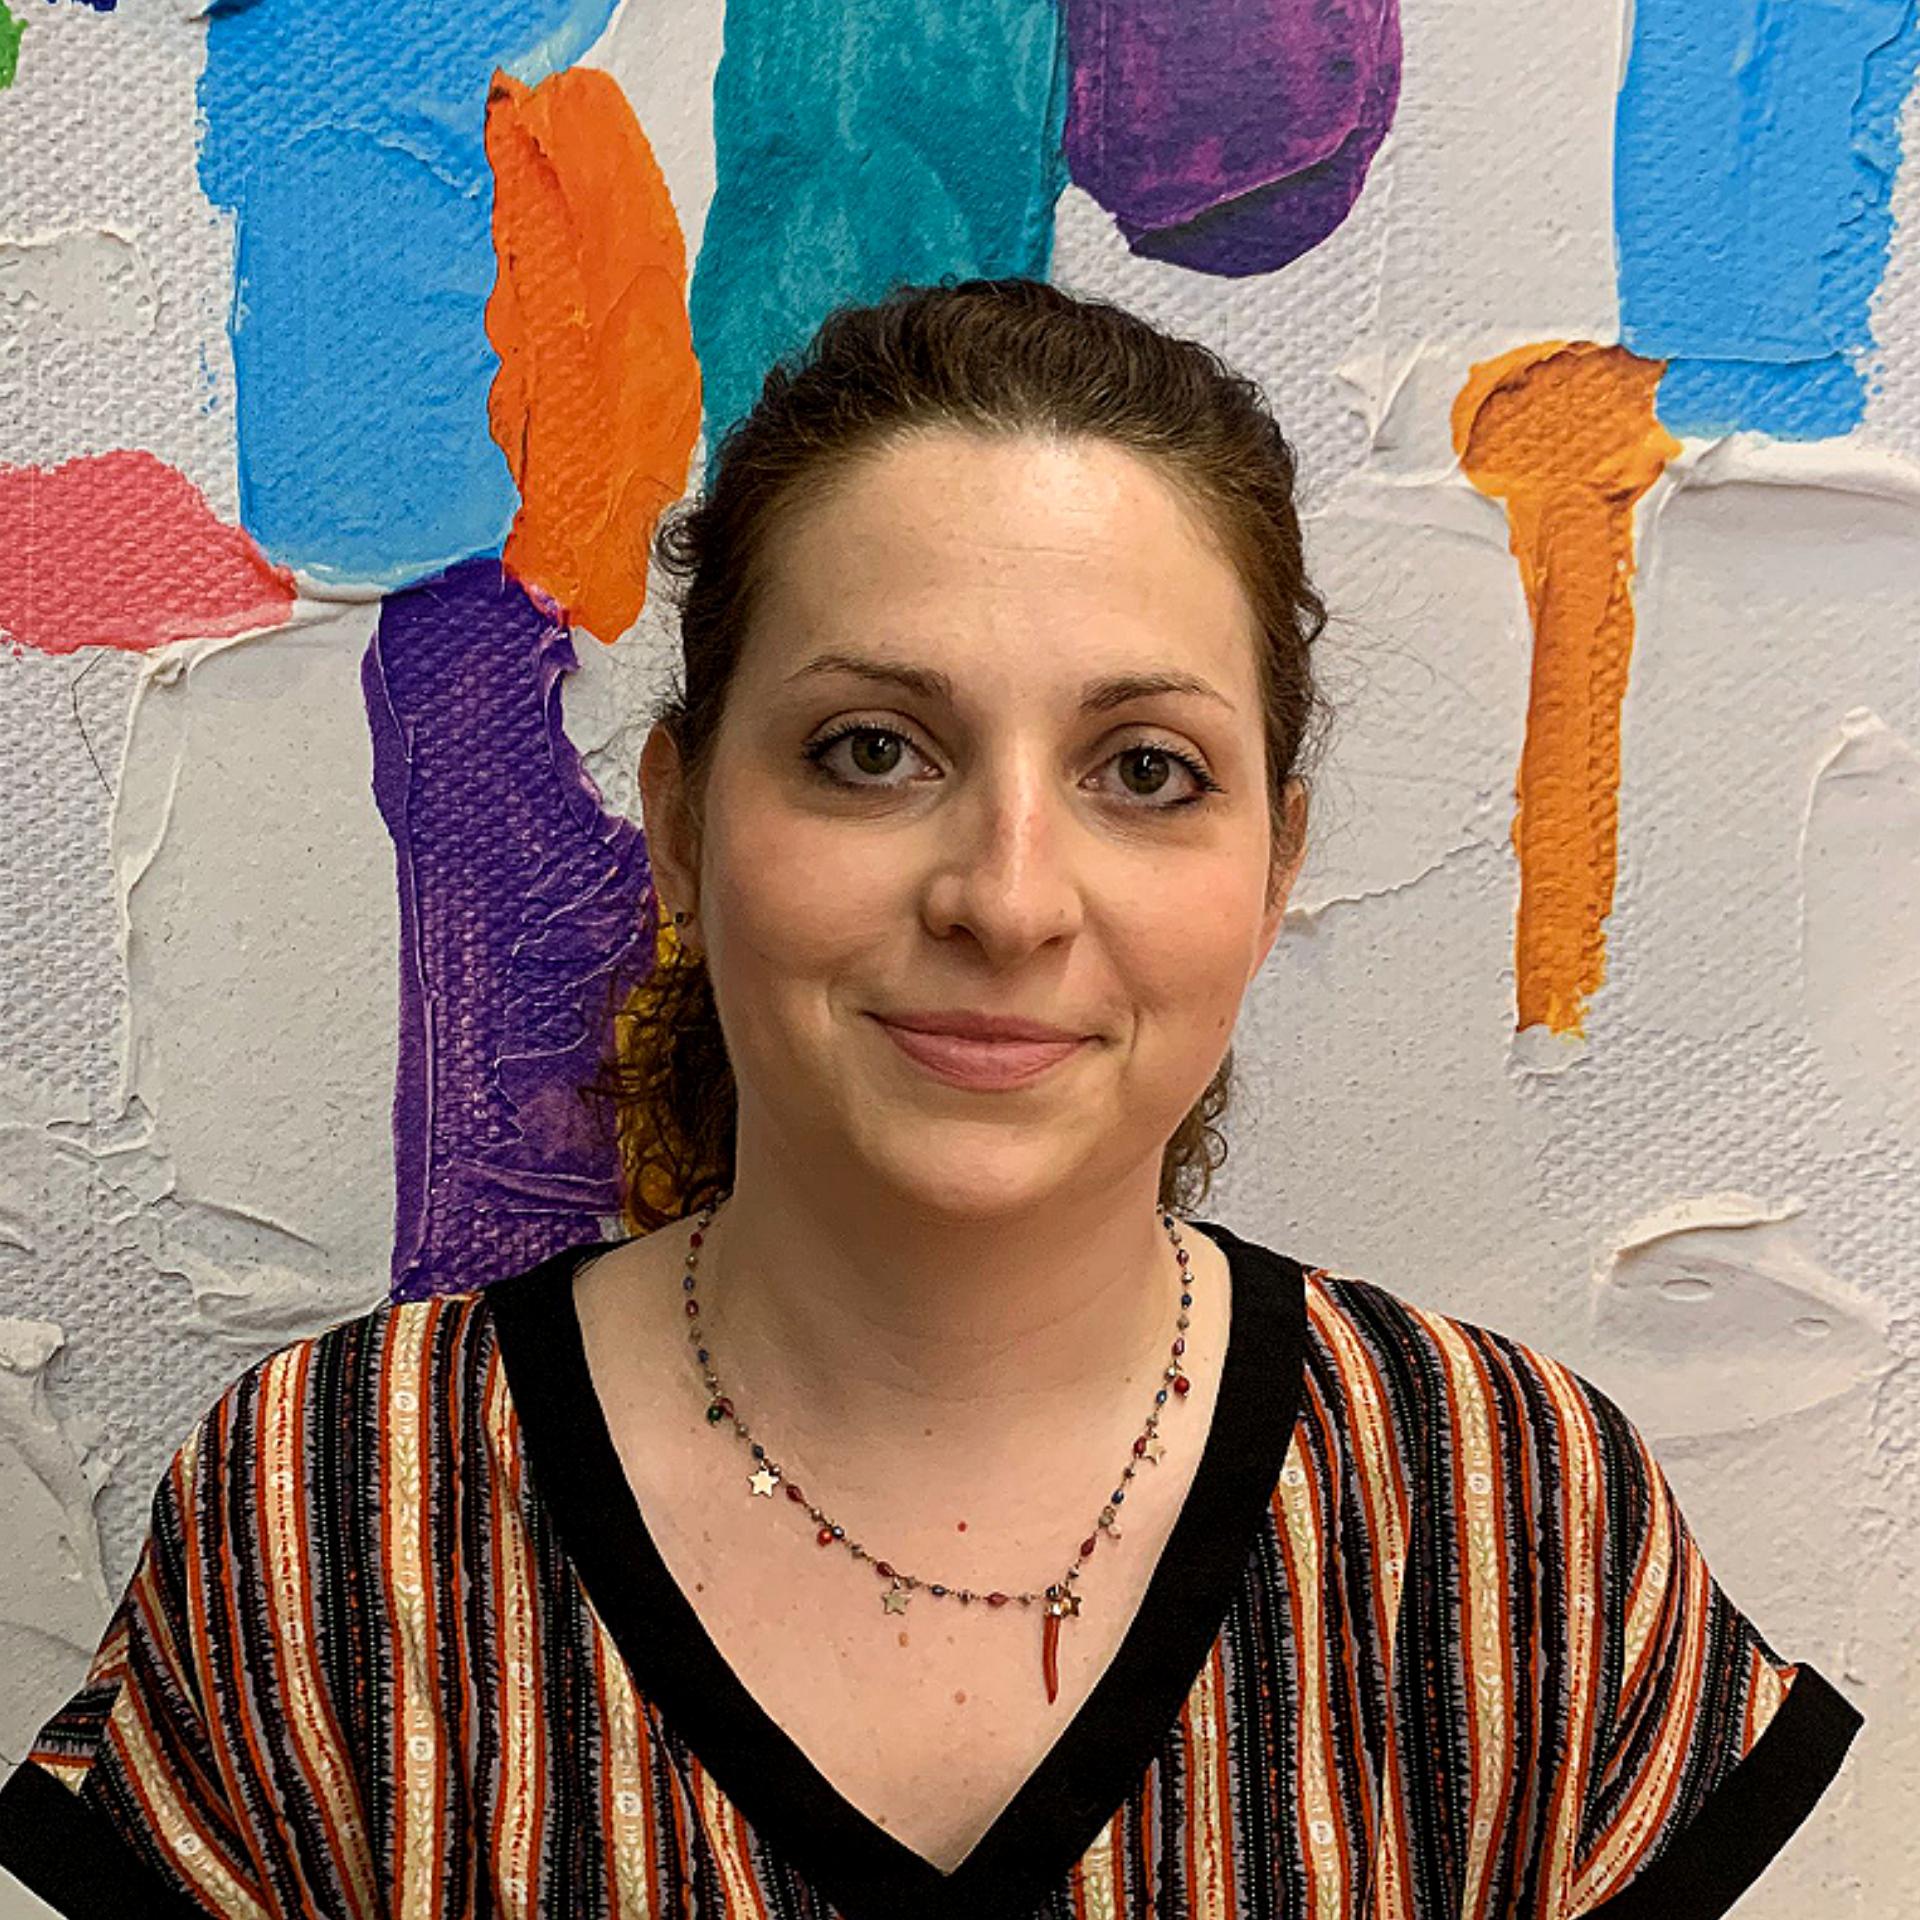 Chiara Vannucci: avvocatessa e nuova risorsa nel Team, formatrice in Normativa Fiscale collabora con Armonia dal 2020, laureata in Giurisprudenza Magistrale dal 2019.